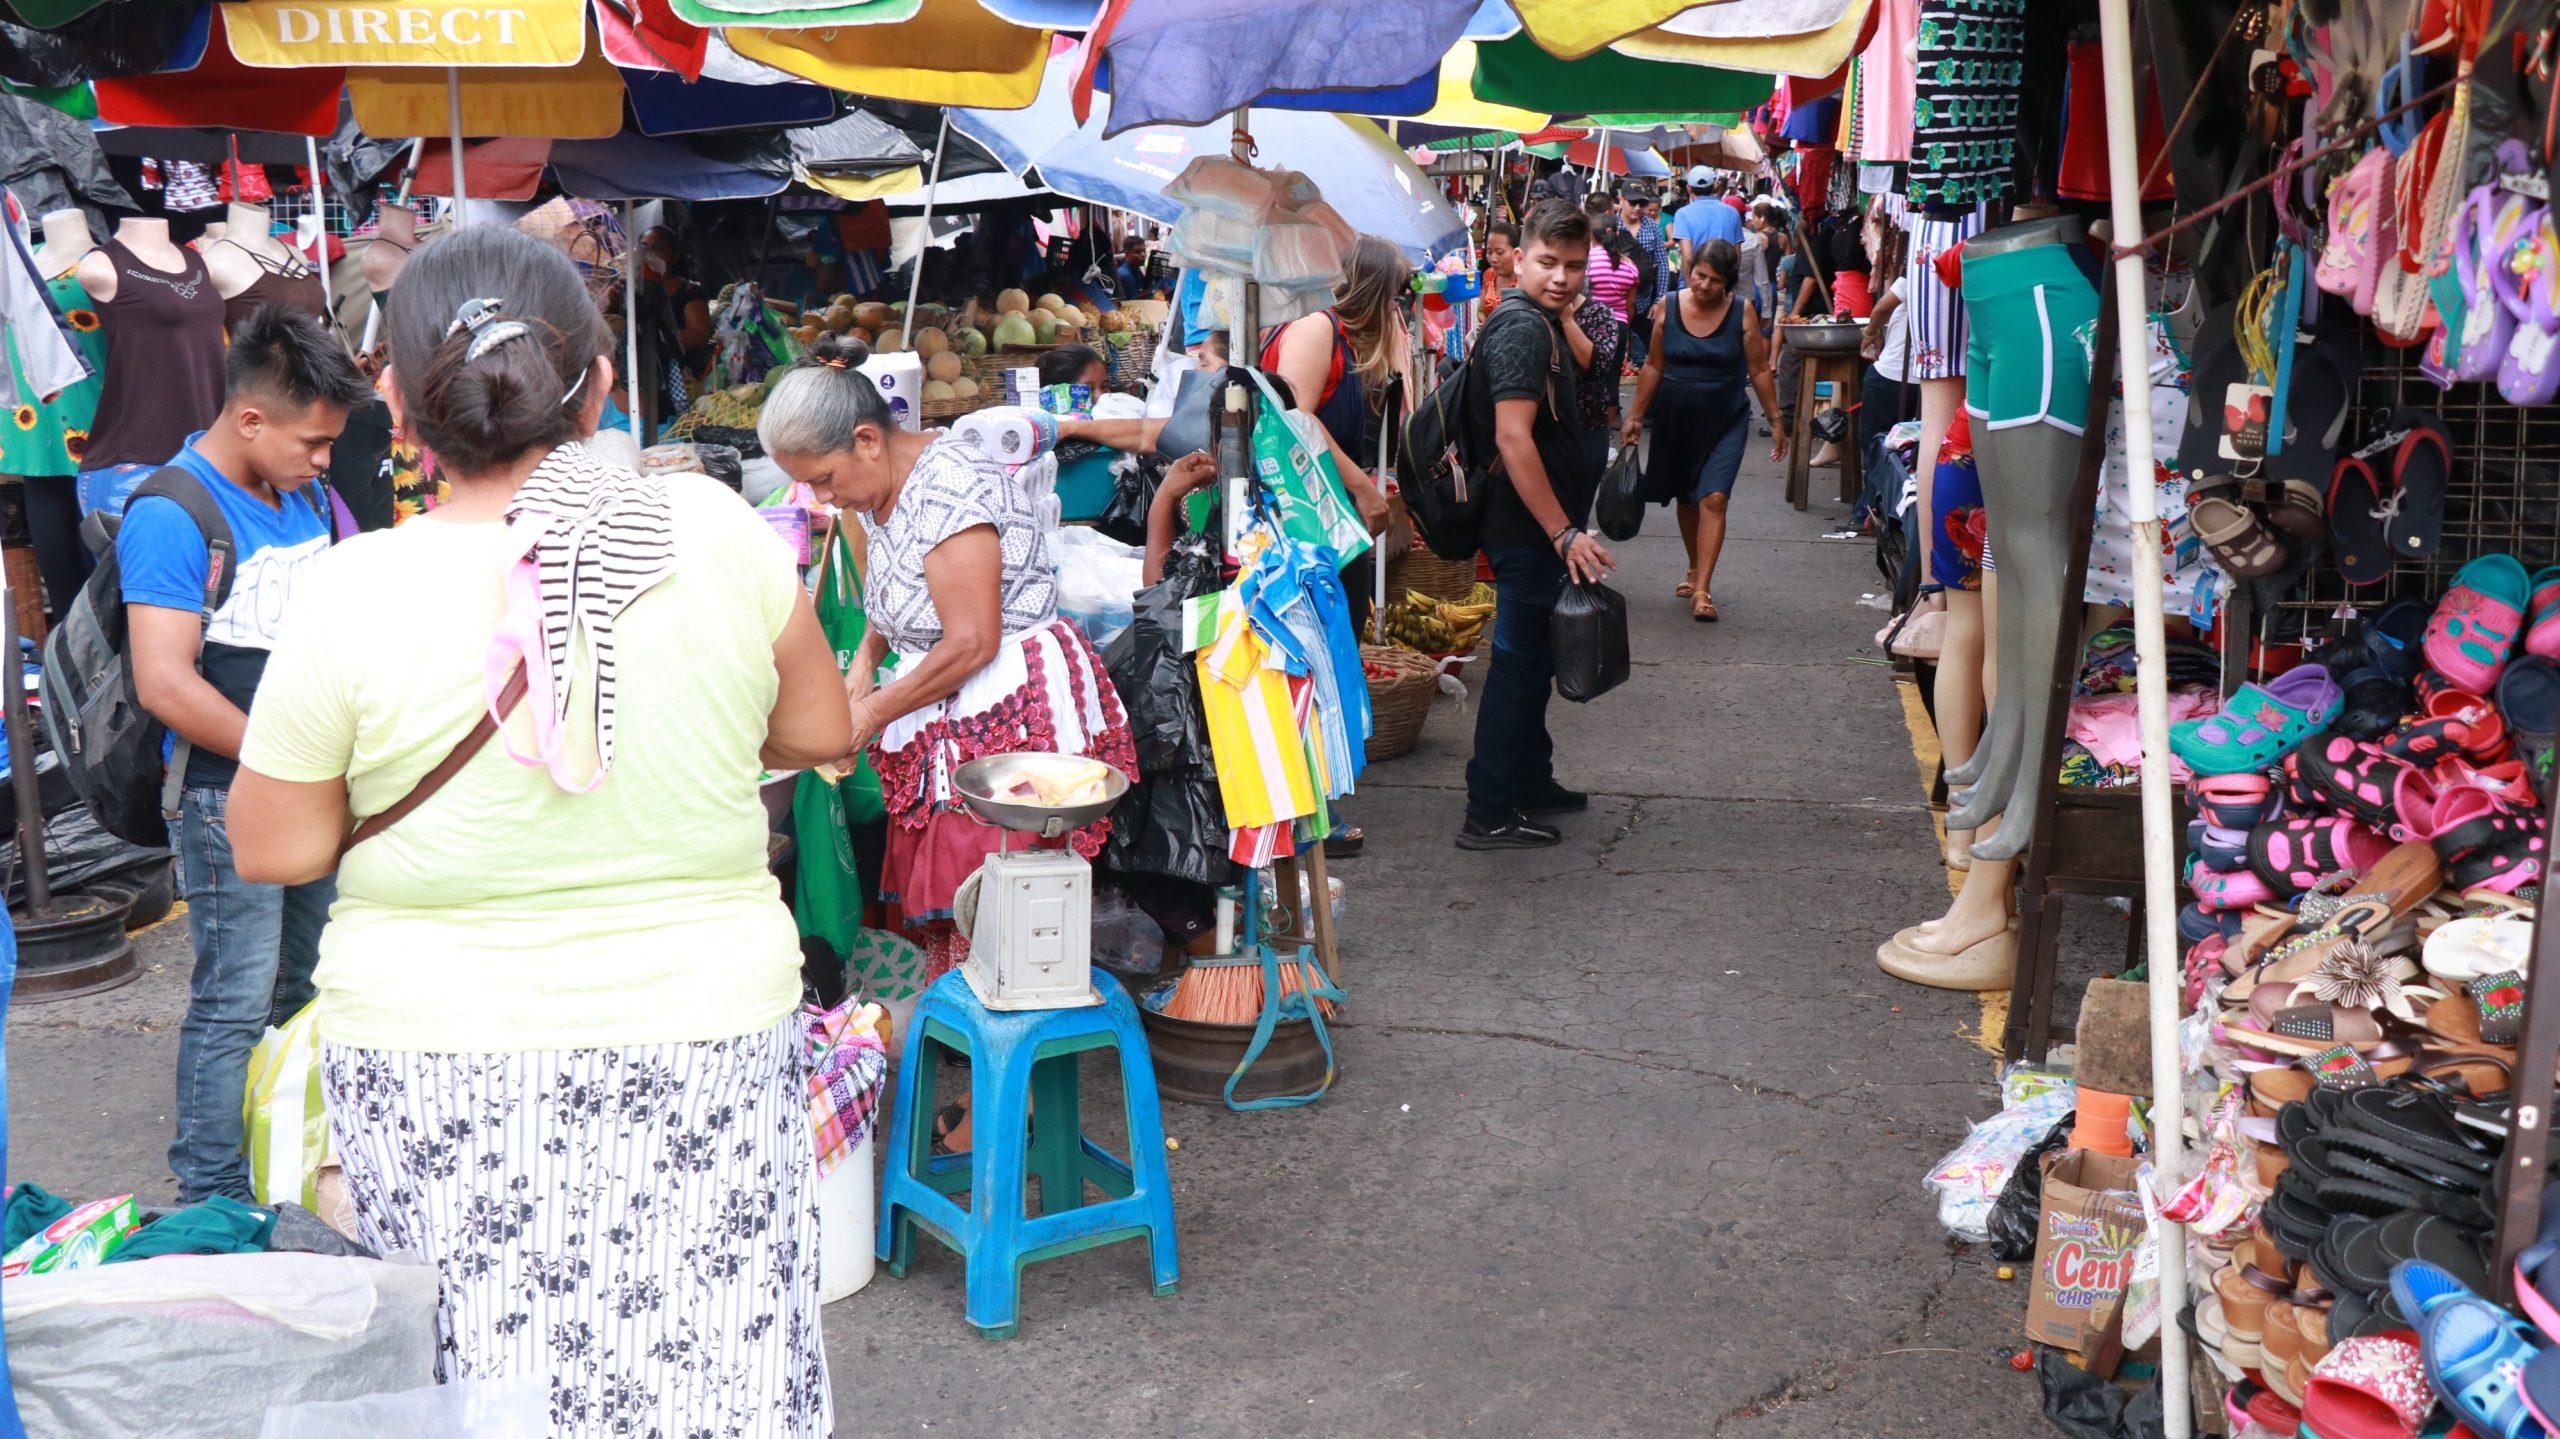 Los comerciantes aseguraron que el coronavirus también los ha afectado. Este martes reportaron una baja en las ventas, en el horario vespertino en Suchitepéquez. (Foto: Cristian Soto)